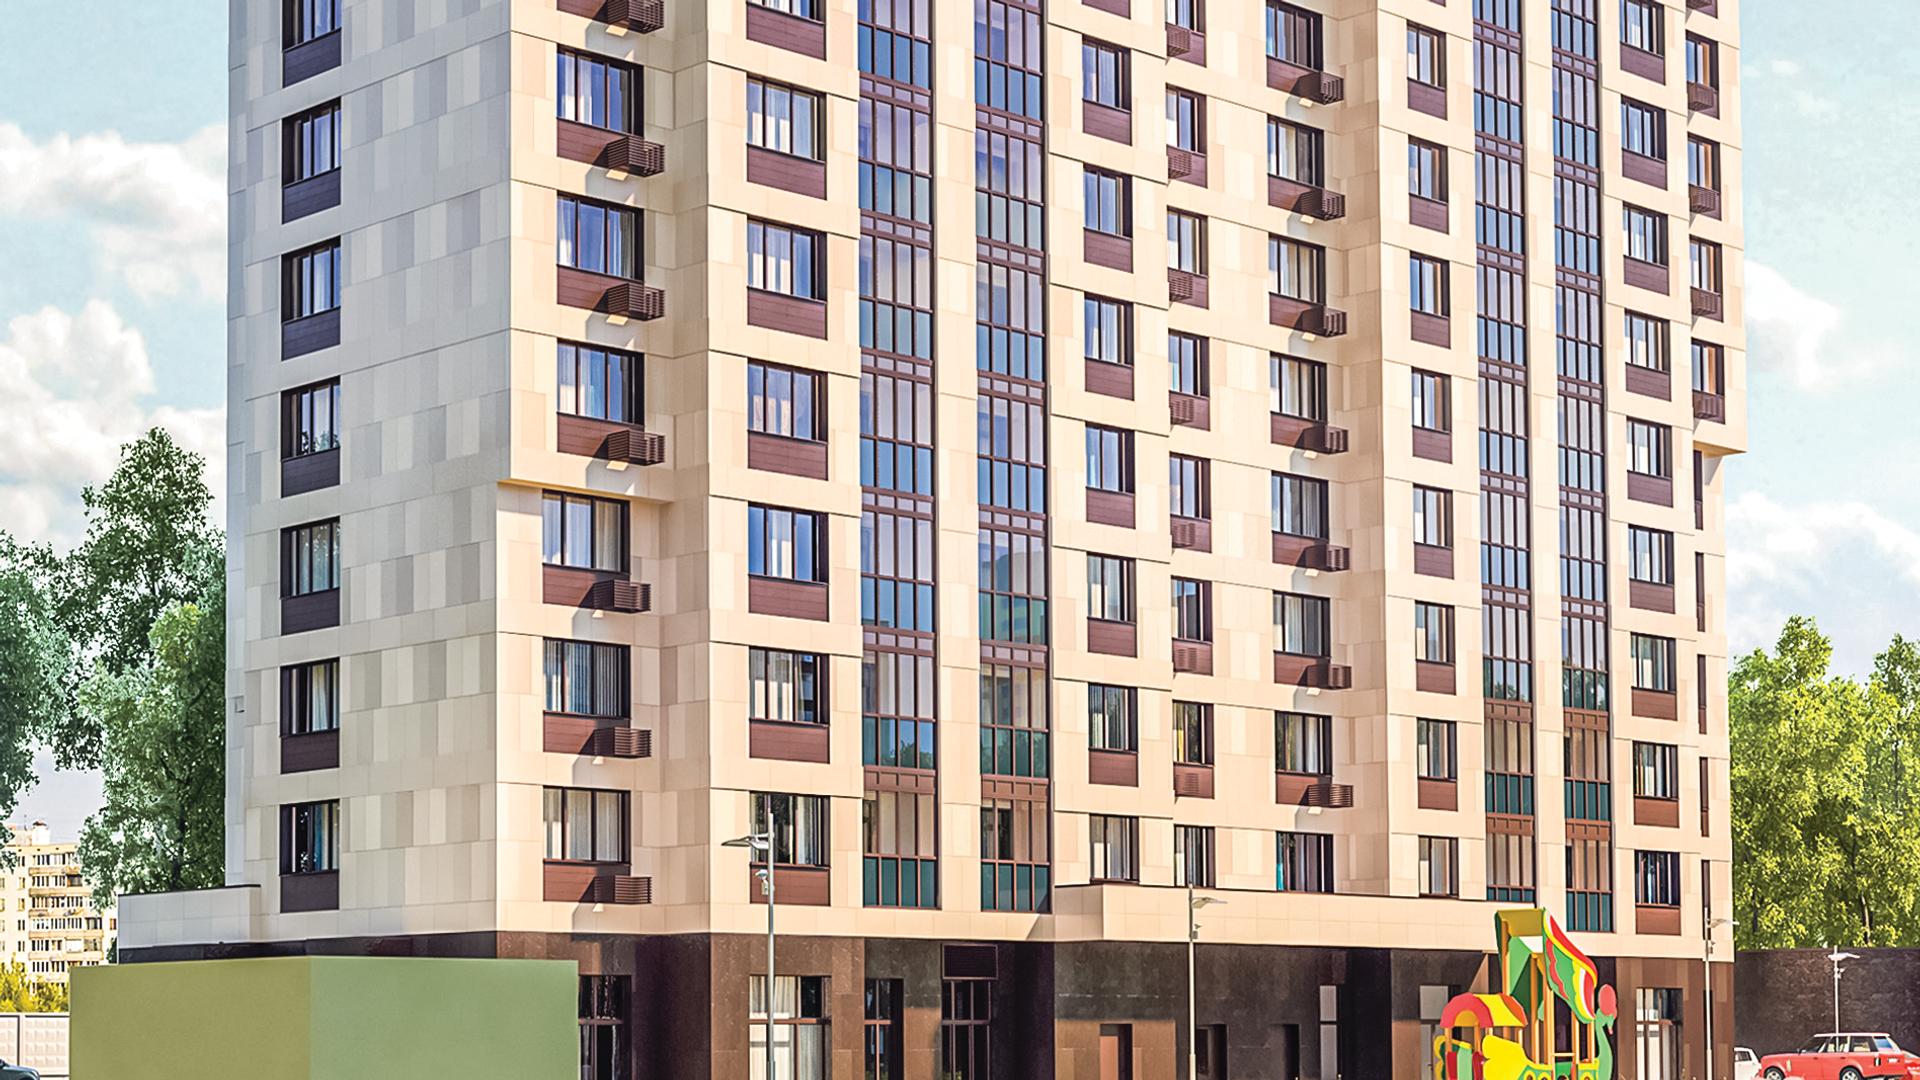 Проект дома по программе реновации в Марьиной роще - РИА Новости, 1920, 15.12.2020